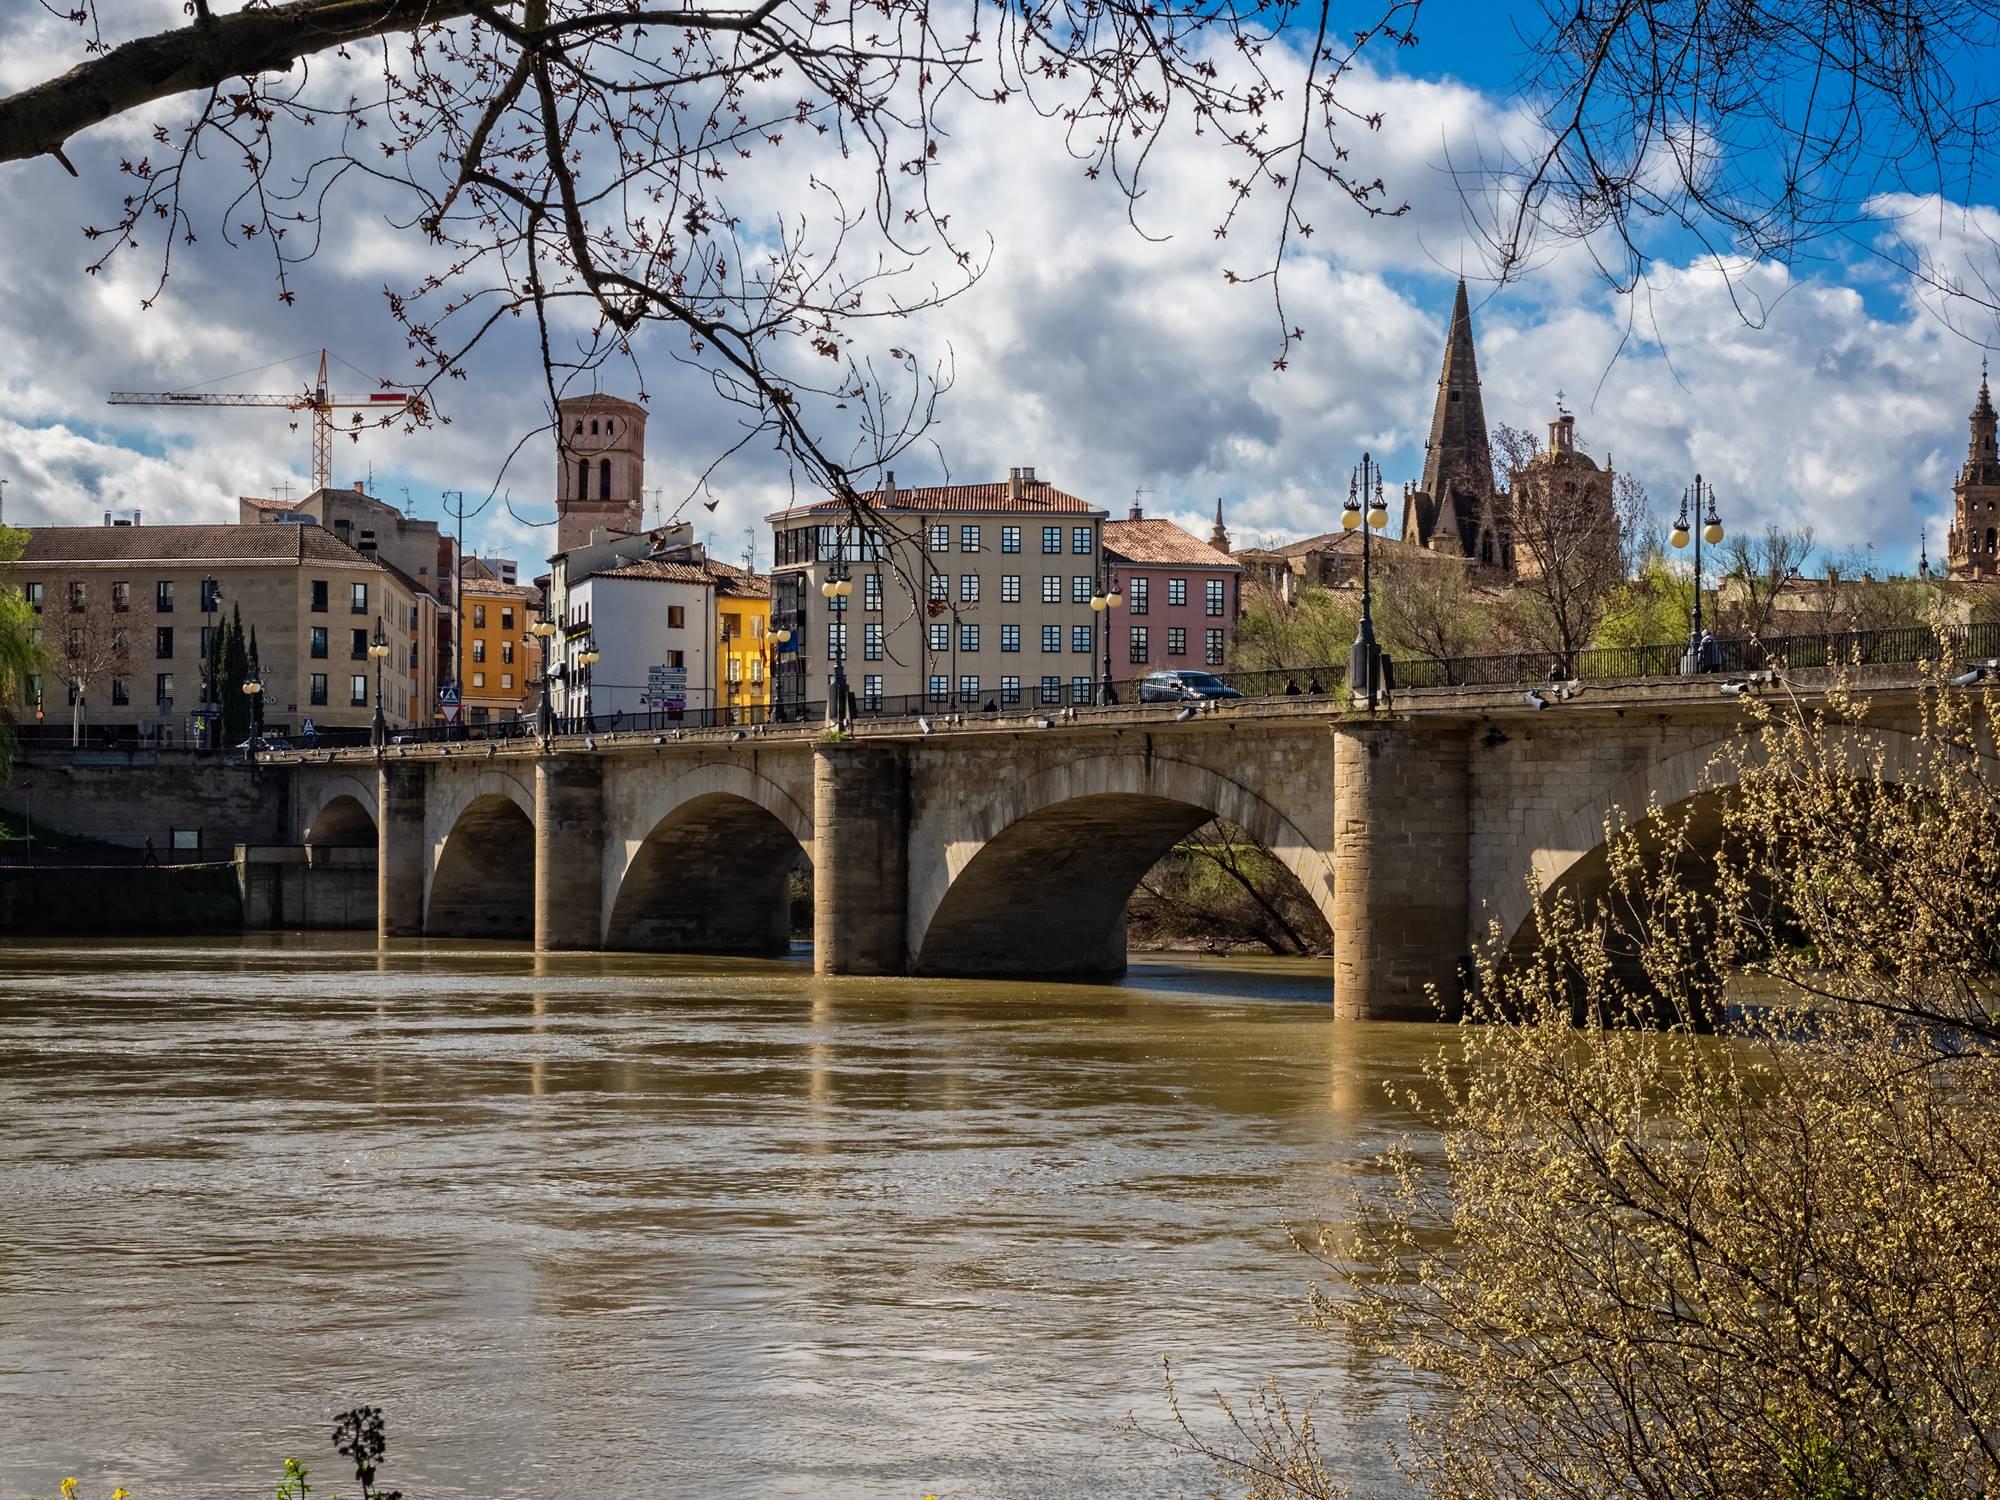 El puente de Piedra, que cruza el Ebro, ha sido históricamente recorrido de peregrinos del Camino de Santiago. Foto: Shutterstock